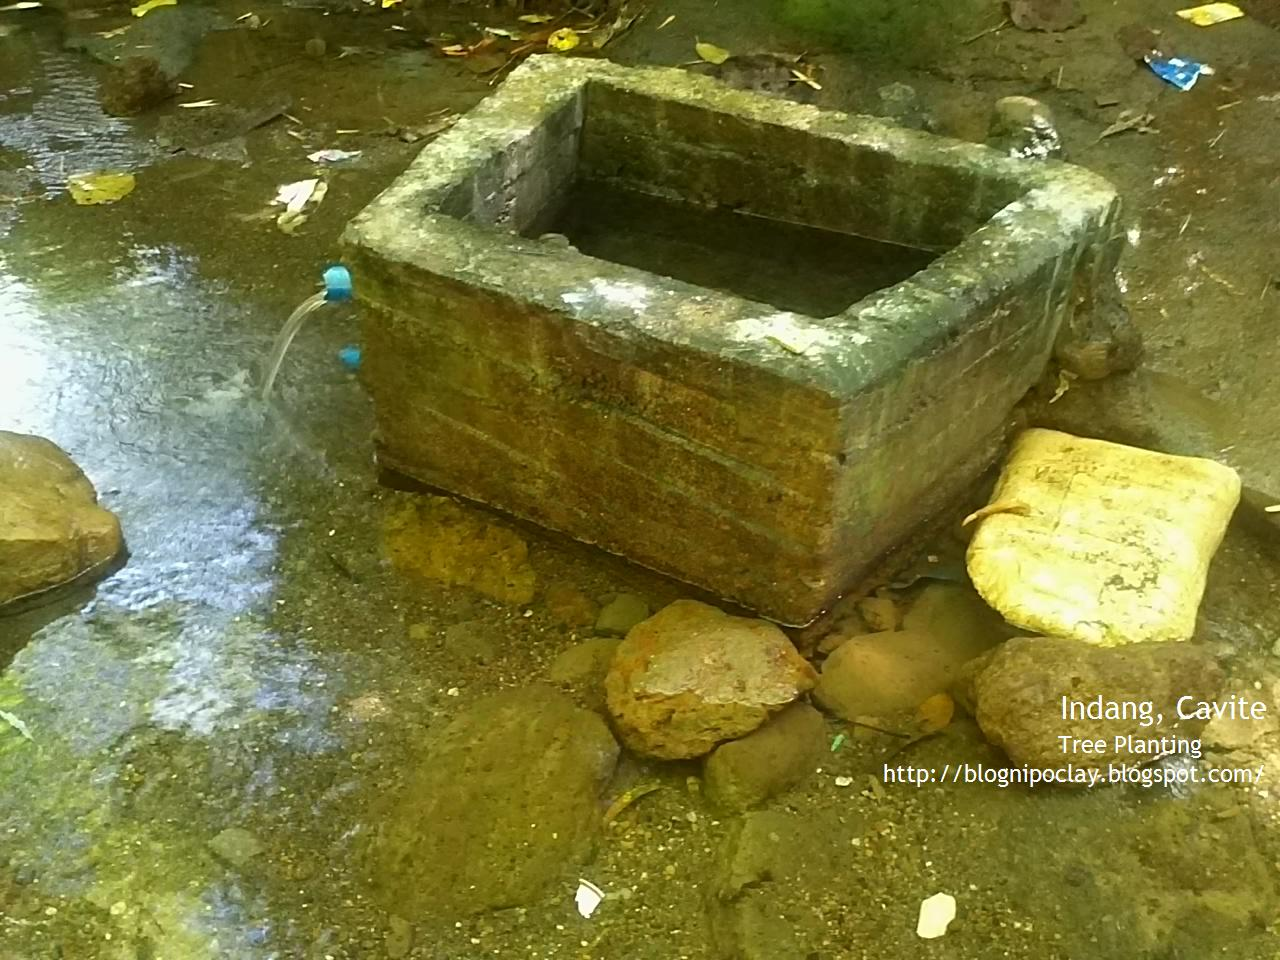 Mainam kung ang lugar na ito ay malilinis.